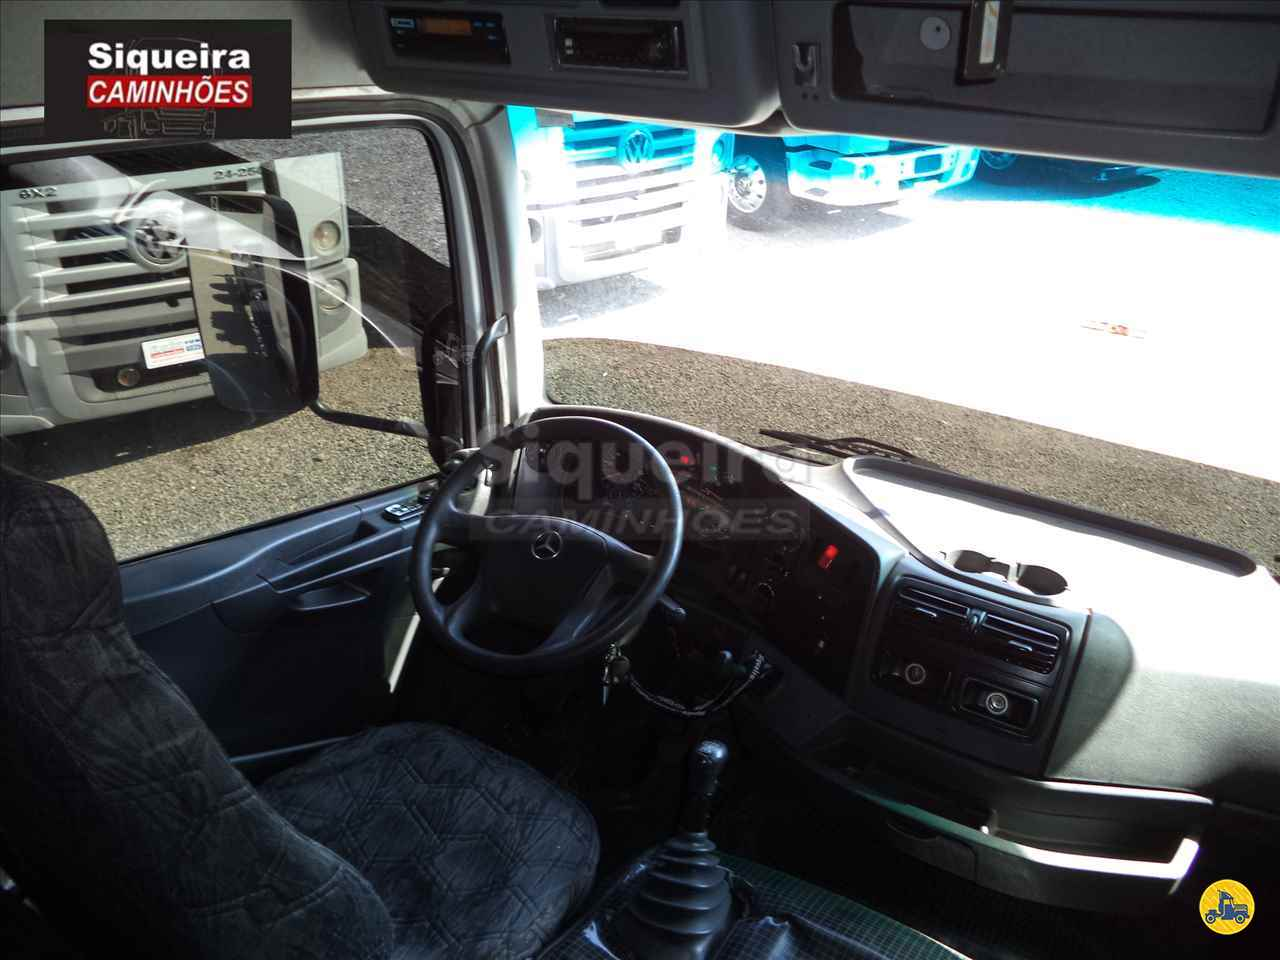 MERCEDES-BENZ MB 2426 0km 2013/2013 Siqueira Caminhões